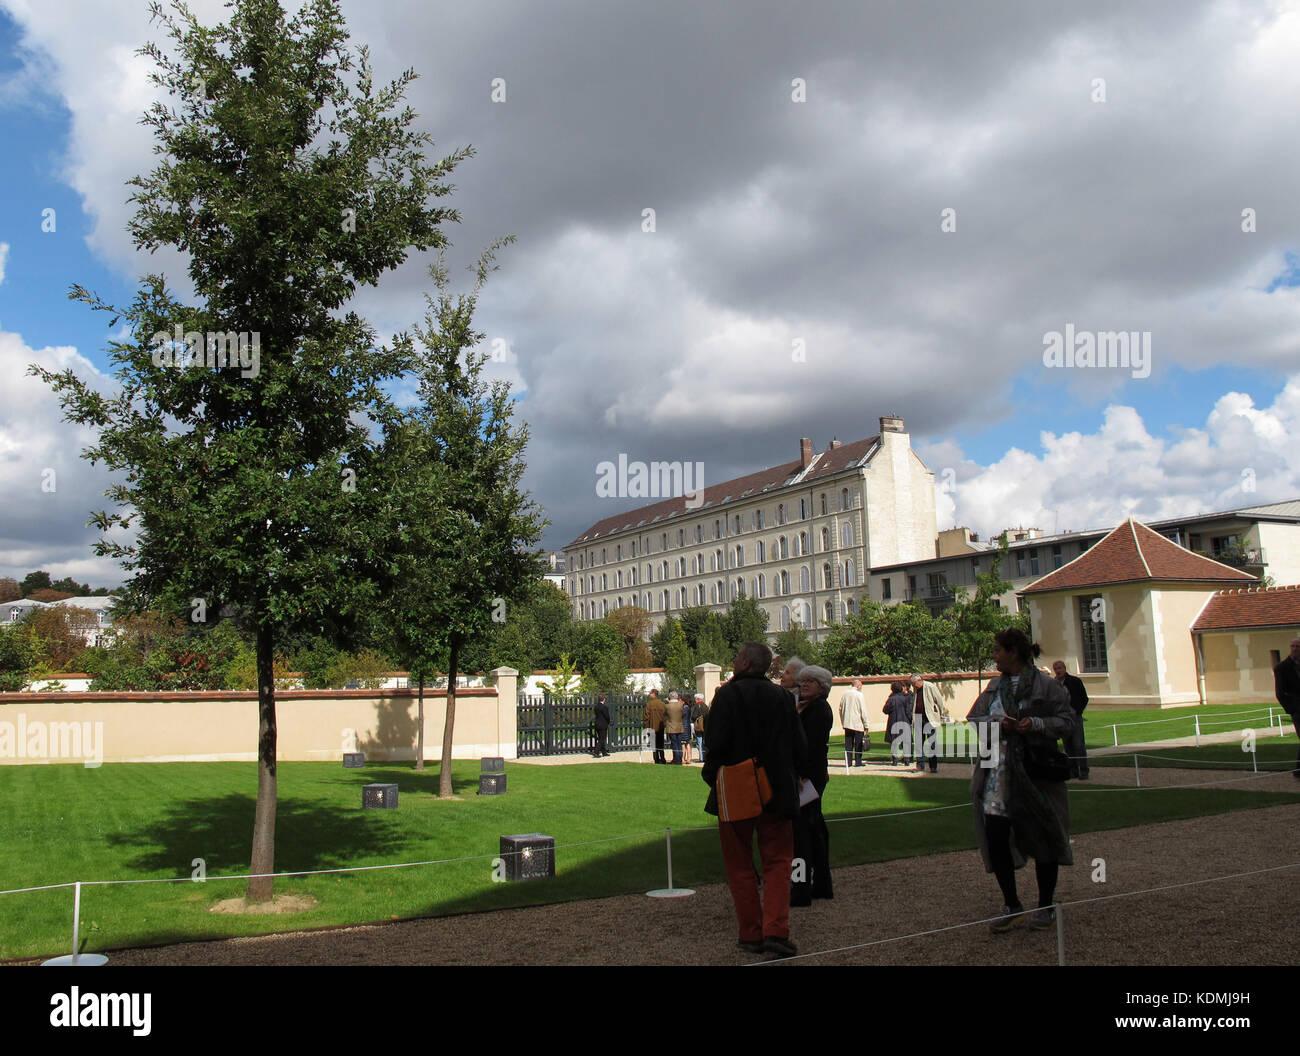 Chevet stock photos chevet stock images alamy - Jardin d hiver henri salvador clermont ferrand ...